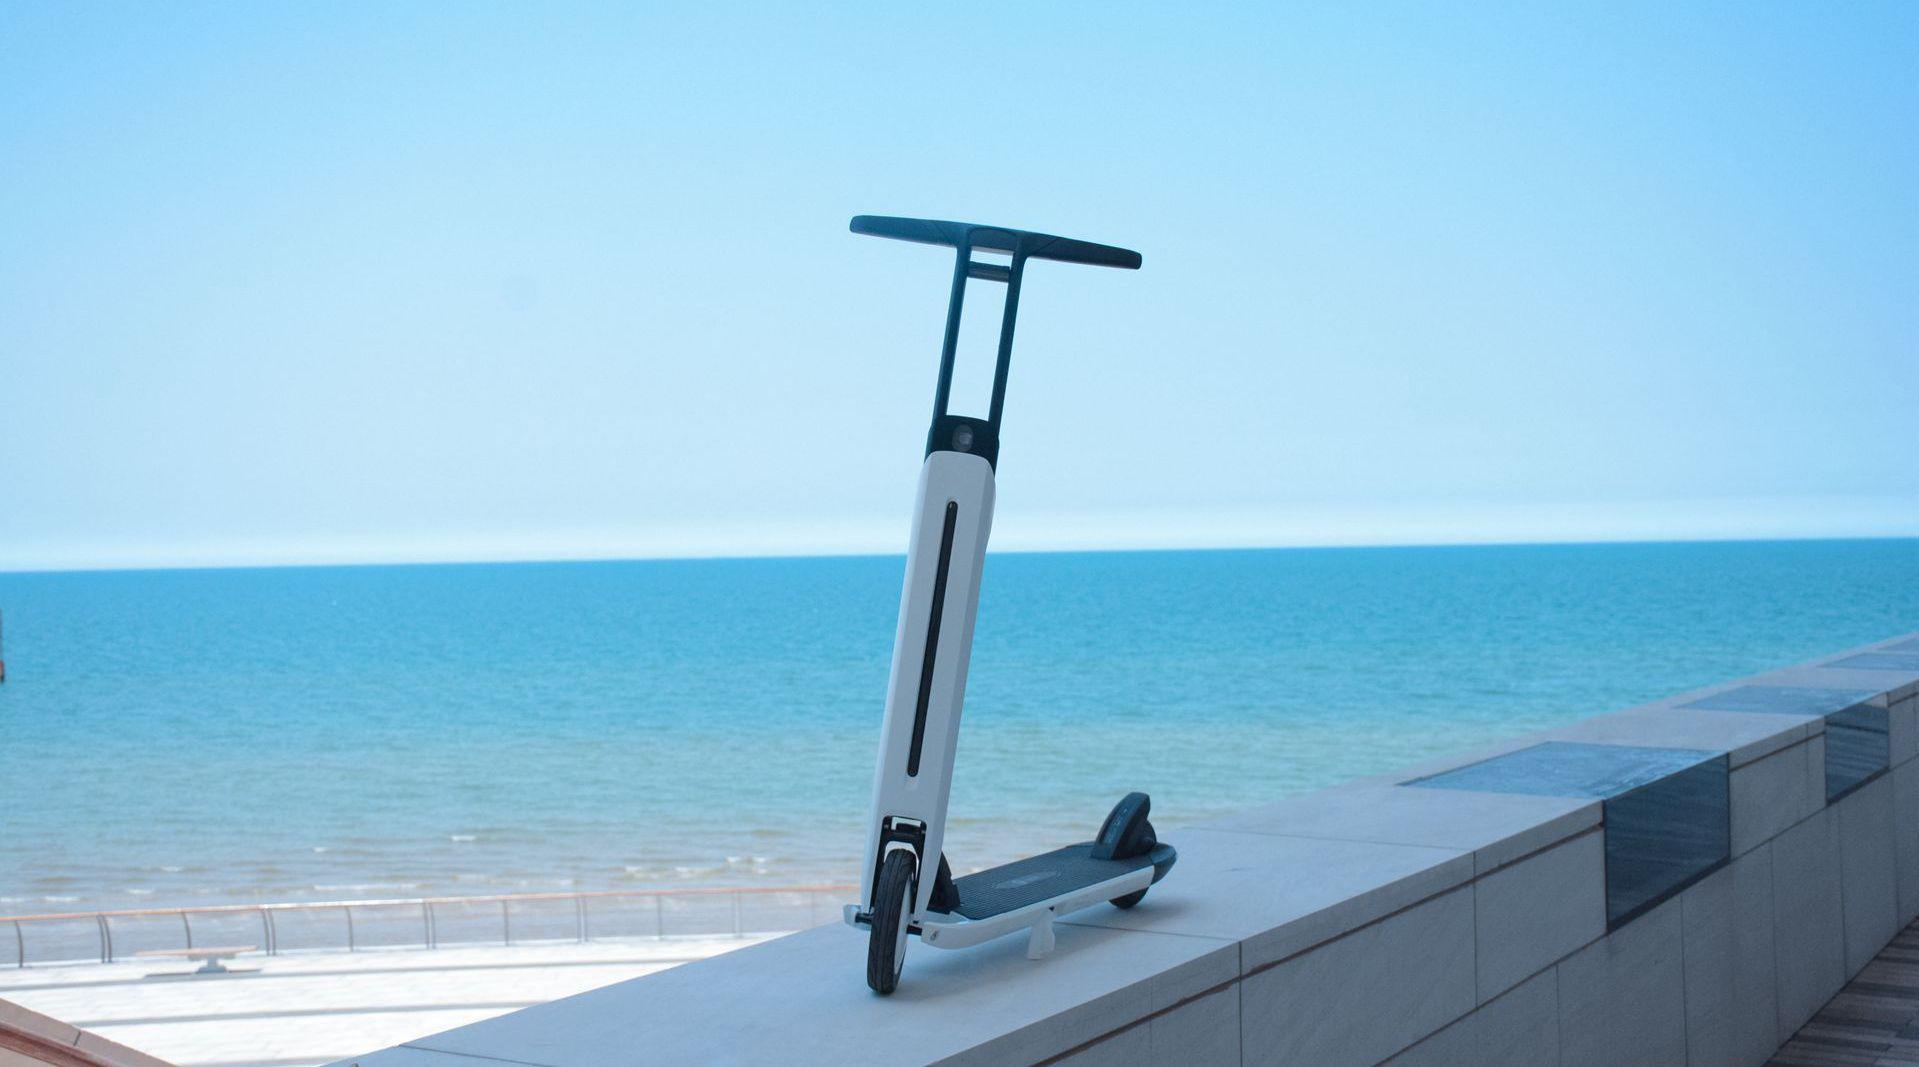 酷似概念跑车:九号电动滑板车Air T15评测,本应属于未来的装备